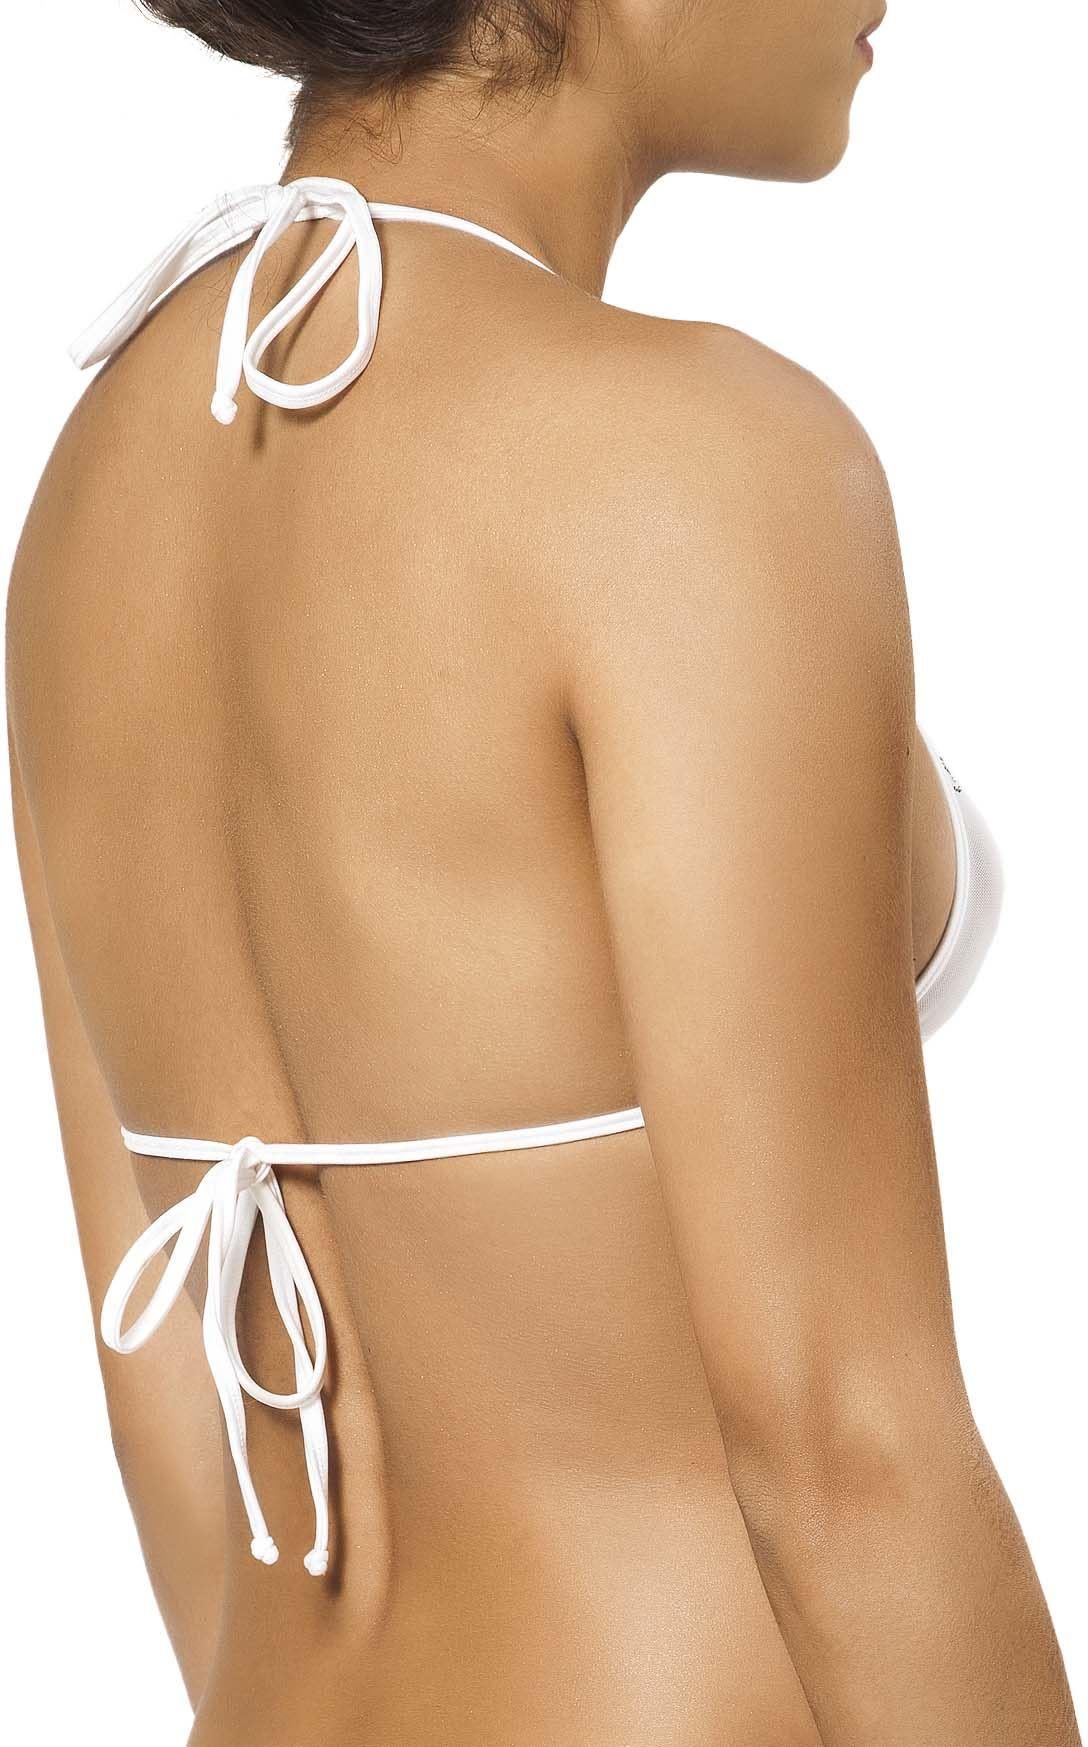 Joe Snyder Women/'s Mykonos Top 201 Swimwear Underwear